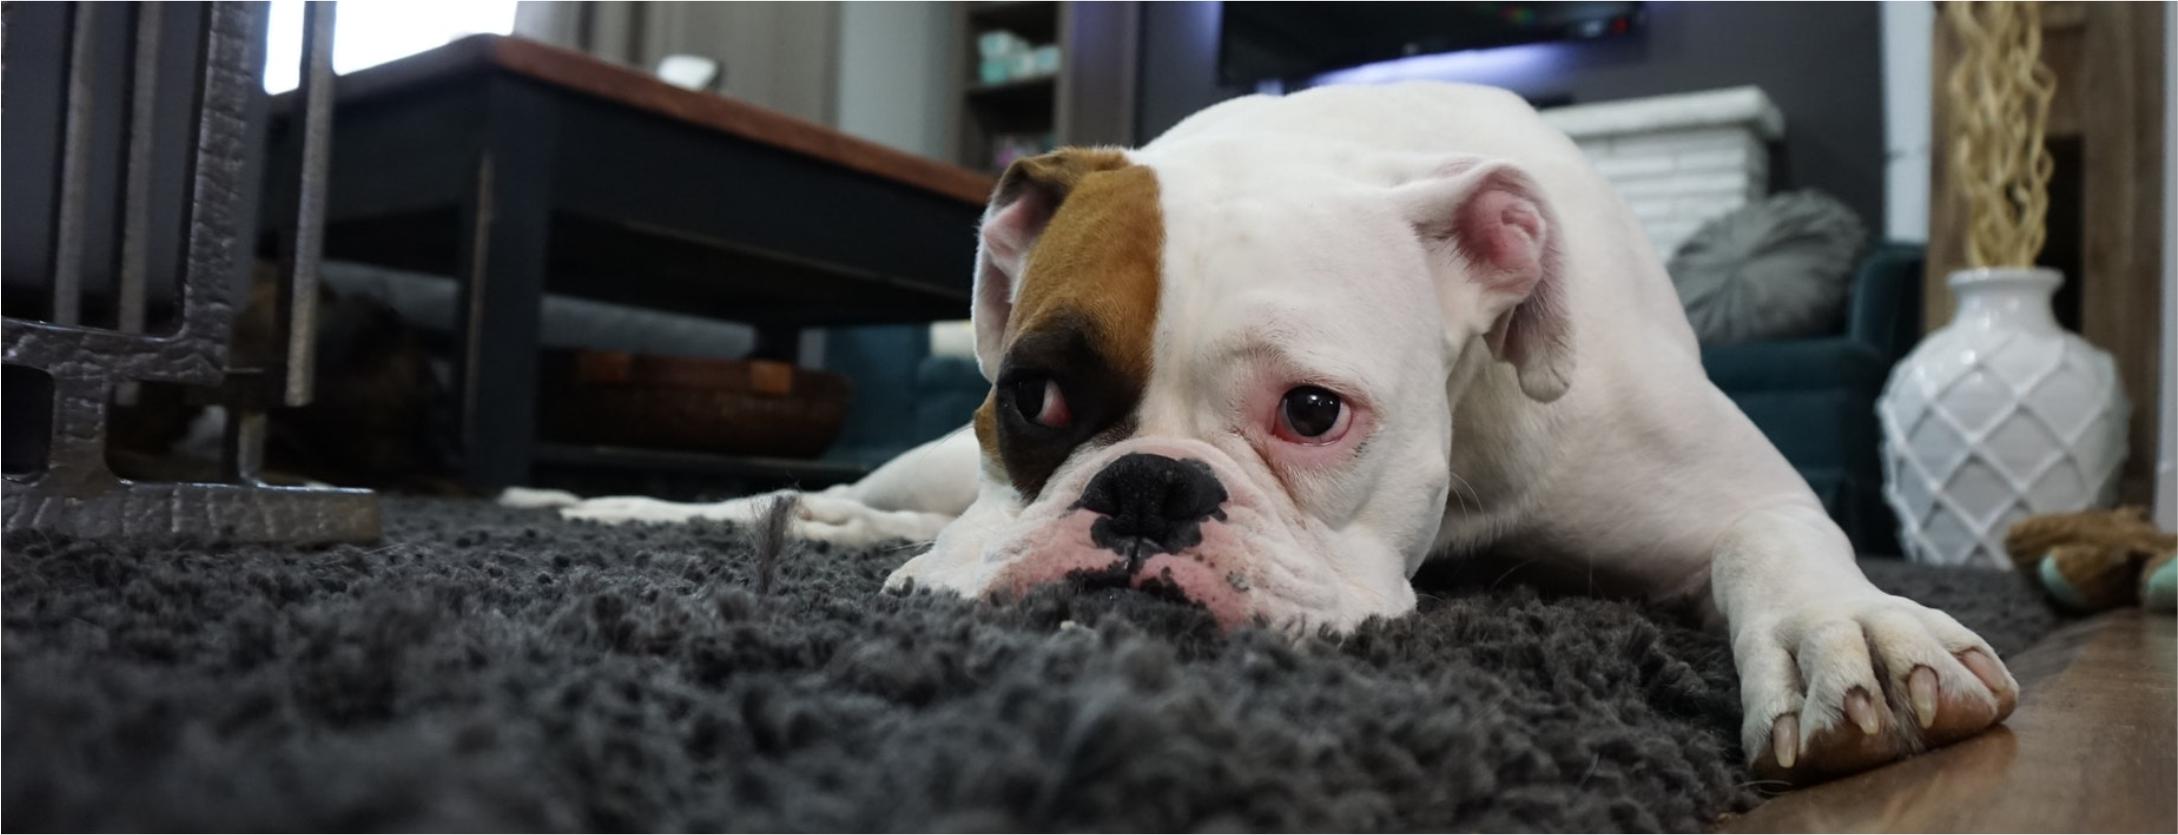 Produtos de limpeza podem causar alergia em pets